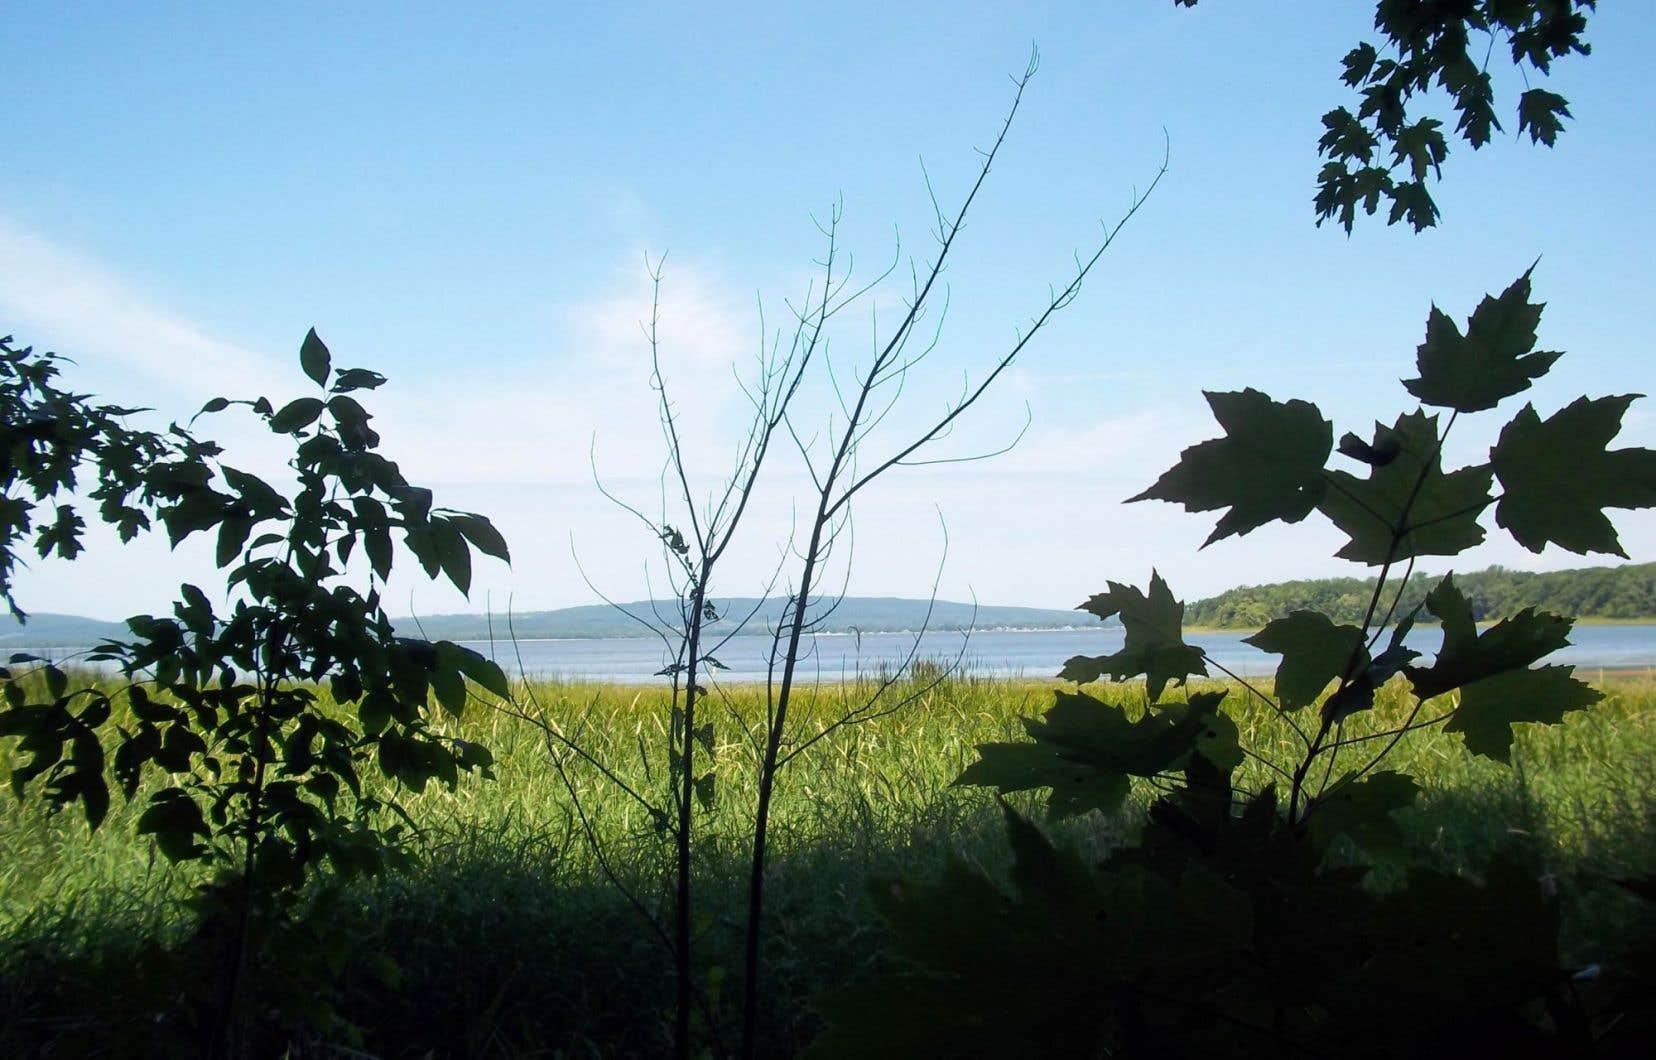 Le projet immobilier dans Pierrefonds-Ouestpourrait faire disparaître d'anciennes terres agricoles d'une grande valeur écologique.